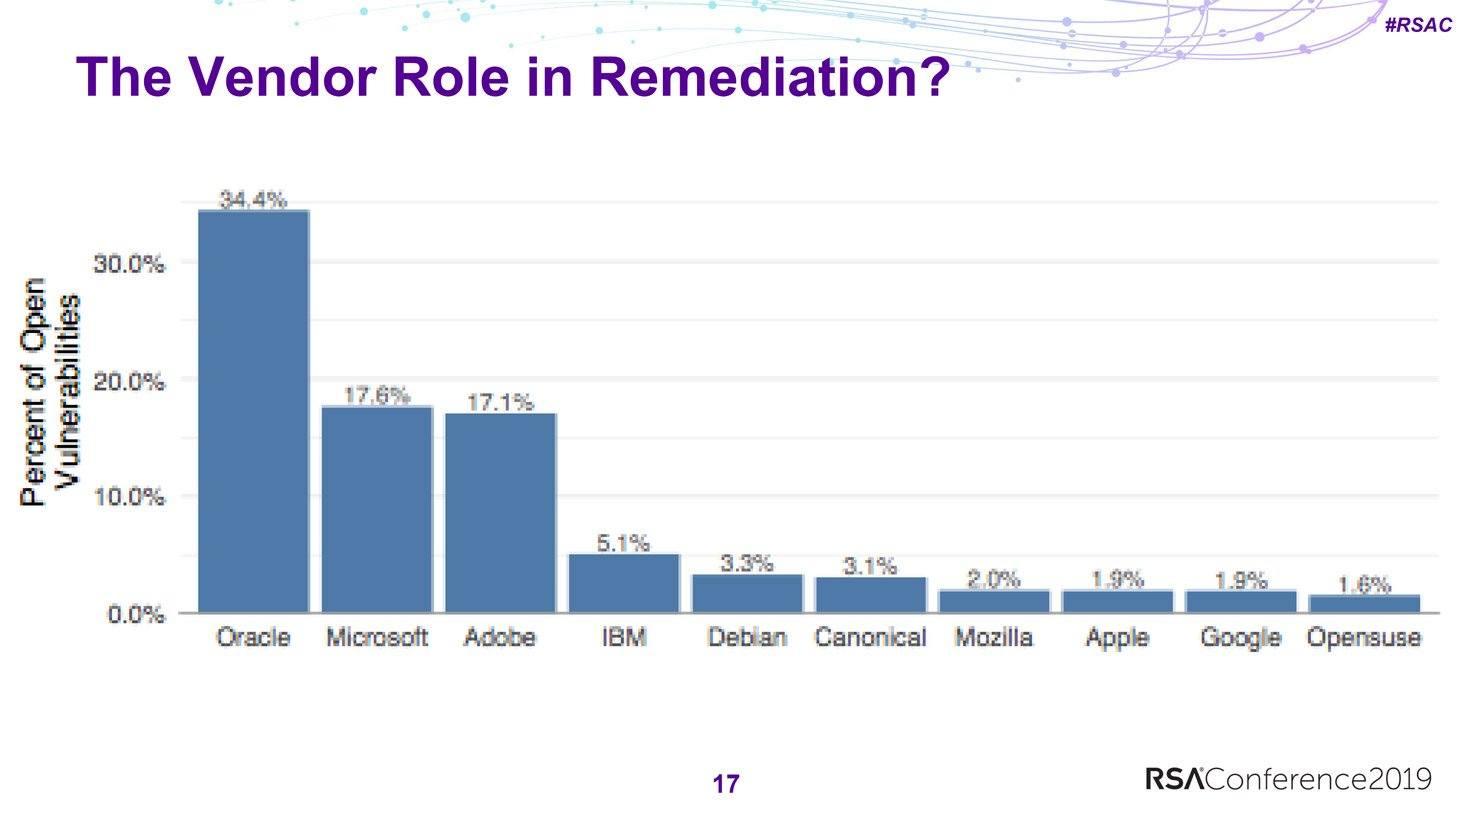 Meer dan twee derde van de gaten die nog niet gepatcht zijn, zijn afkomstig van Oracle, Microsoft en Adobe